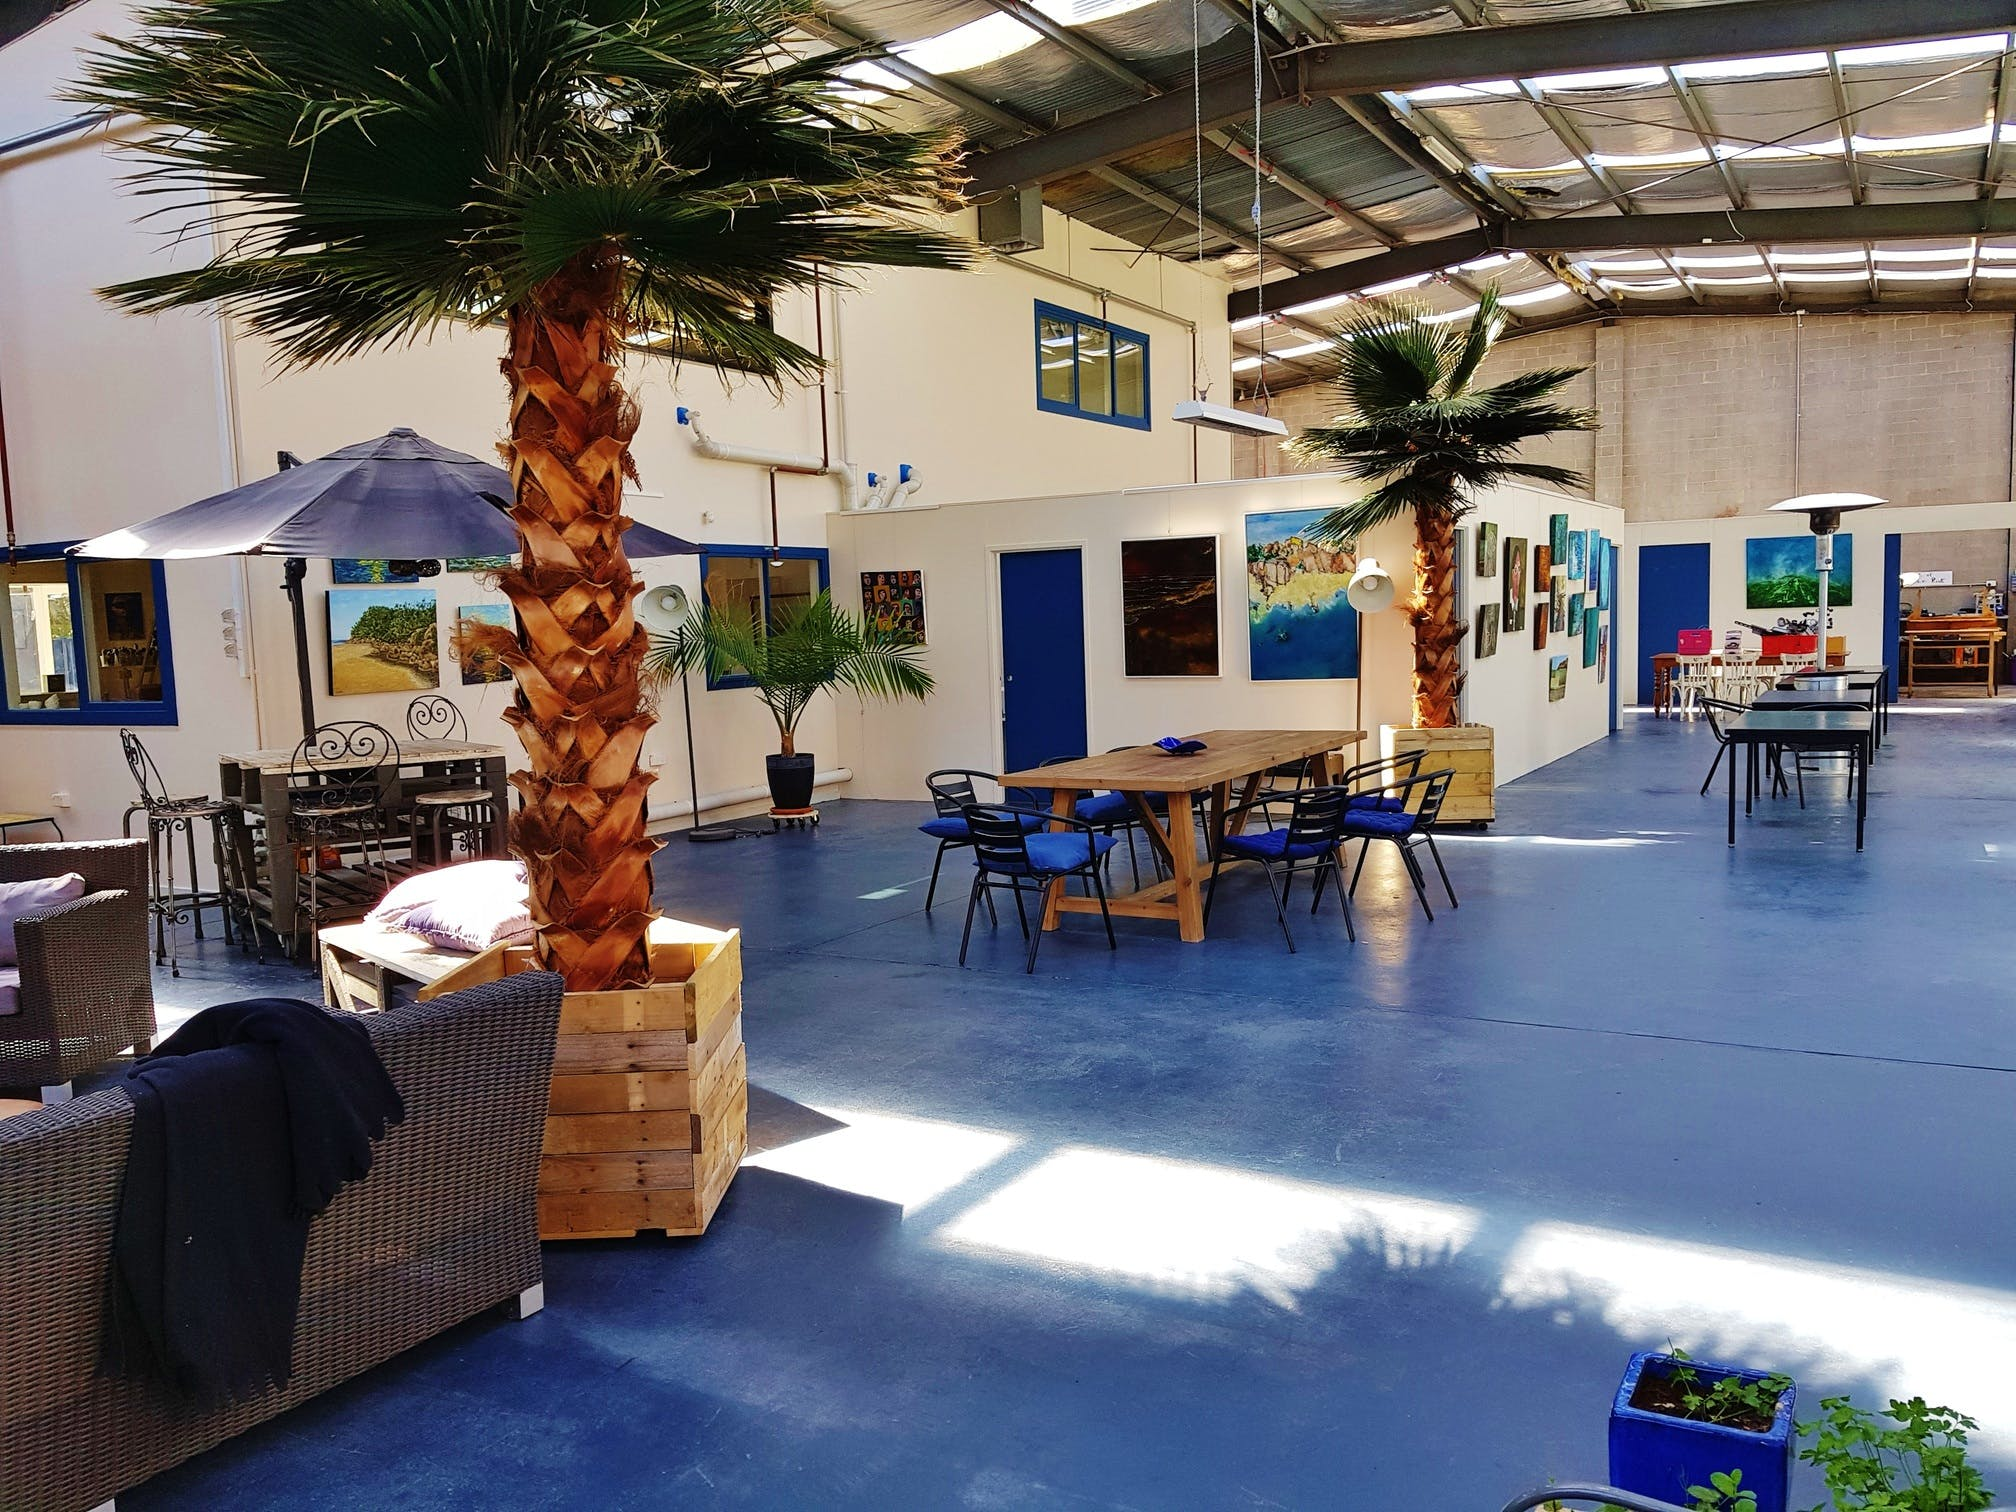 Workshop at Le Studio Art Space & Ceramic Studio, image 2